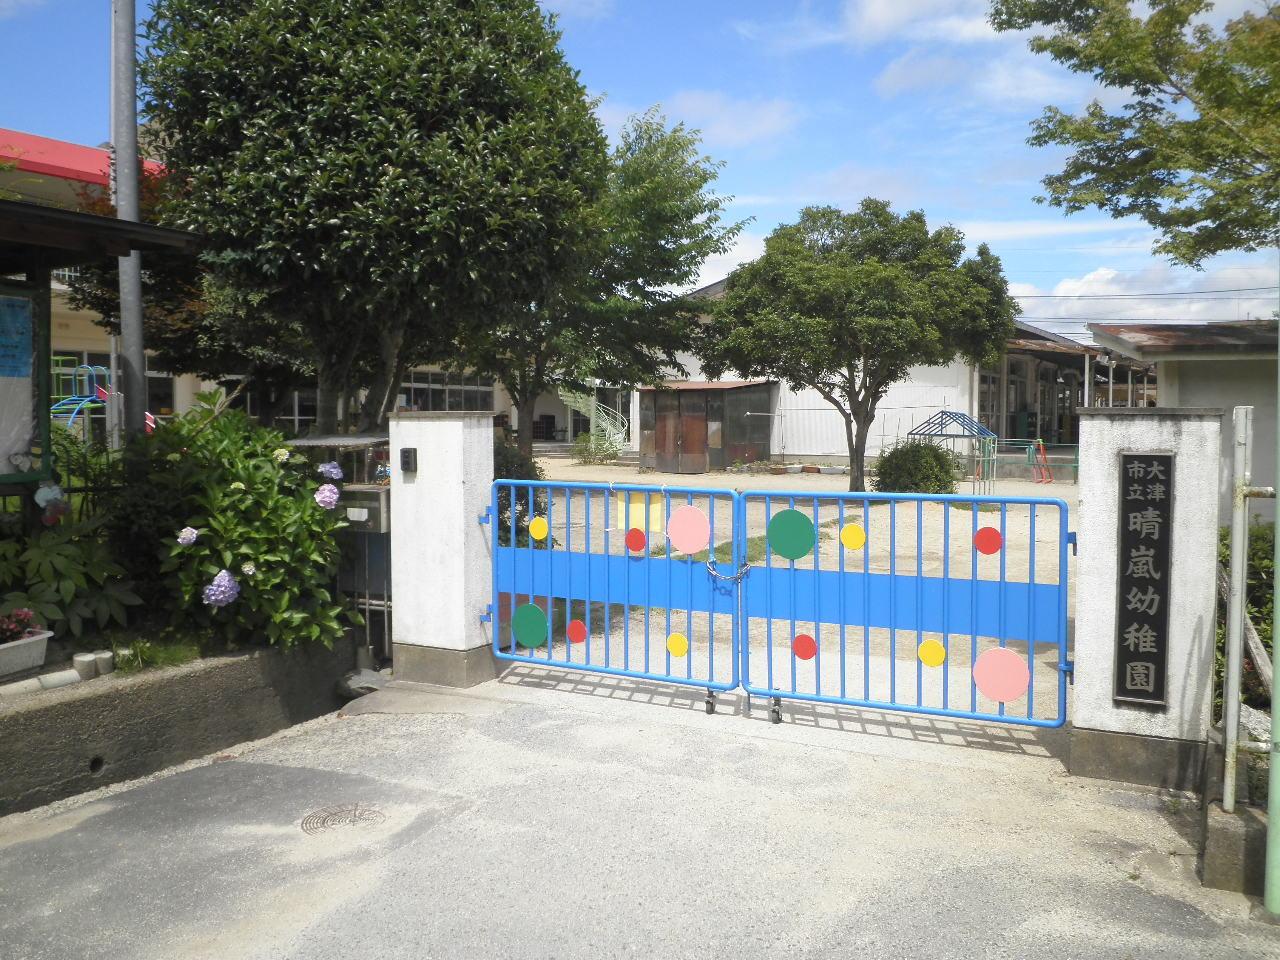 晴嵐幼稚園まで徒歩10分